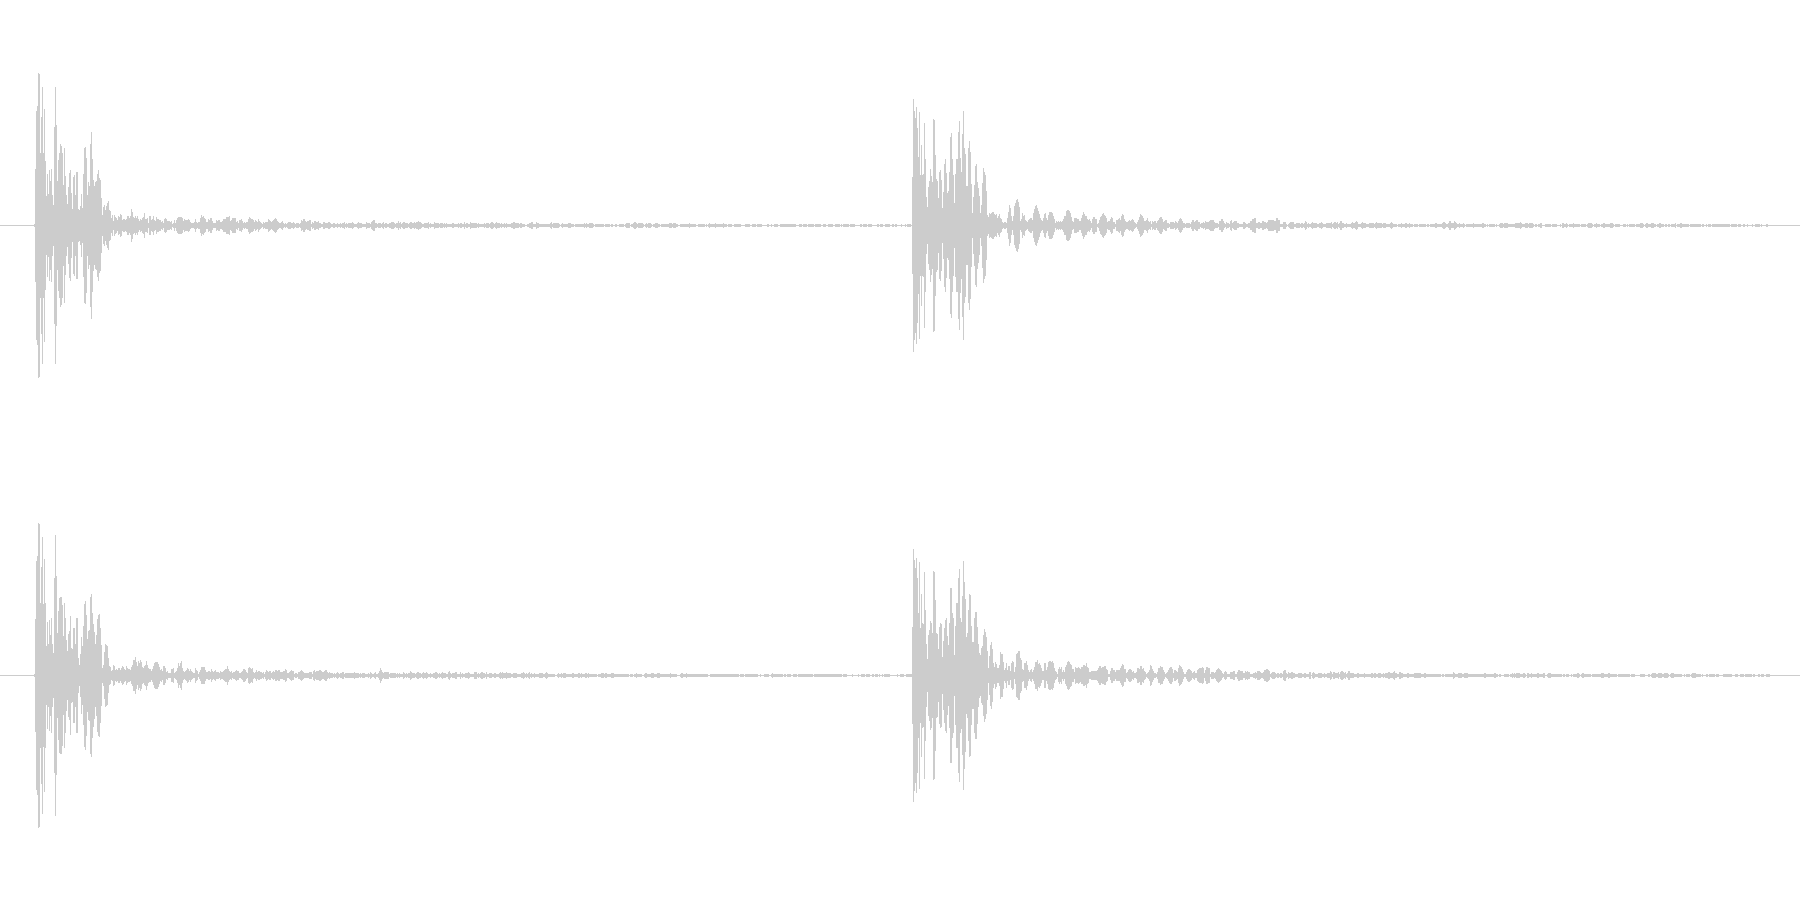 足音の効果音 重い足音 重量感のある足音の未再生の波形